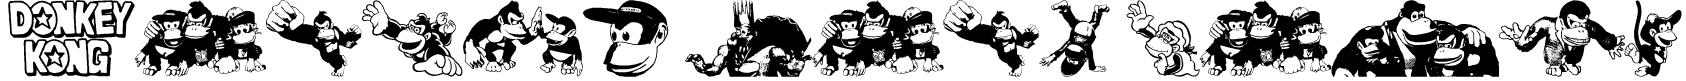 Donkey Kong World Font